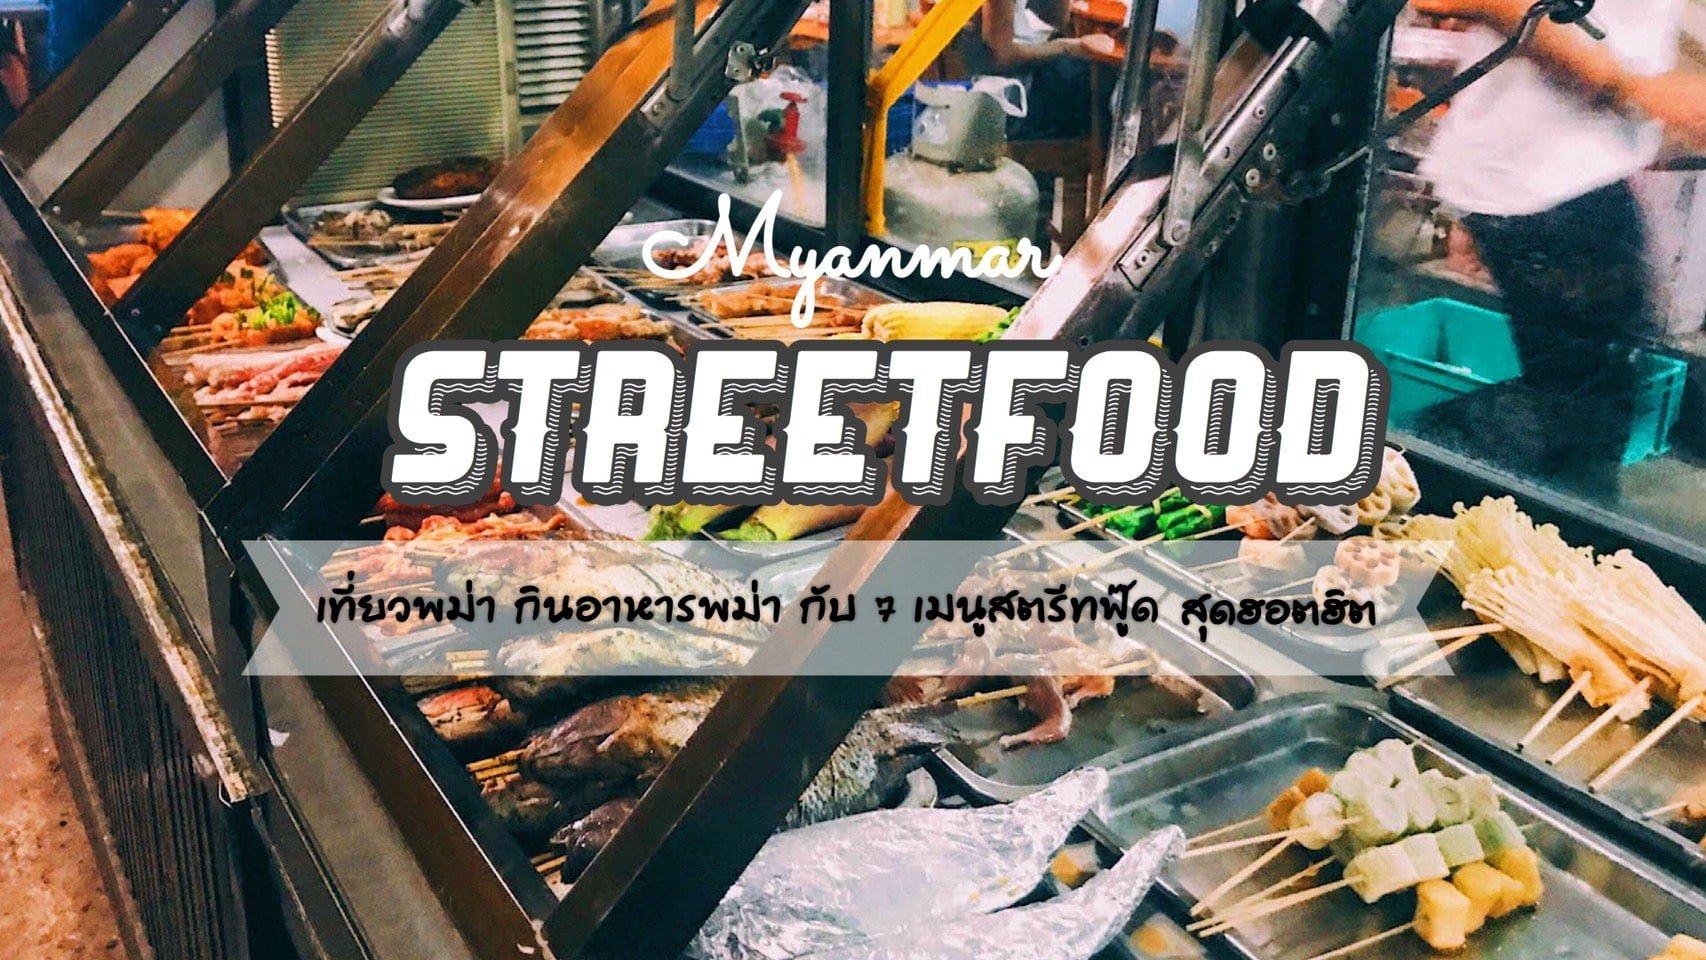 ทัวร์พม่า – เที่ยวพม่า กินอาหารพม่า พาชิม 7 เมนูสตรีทฟู๊ดสุดฮอตฮิต